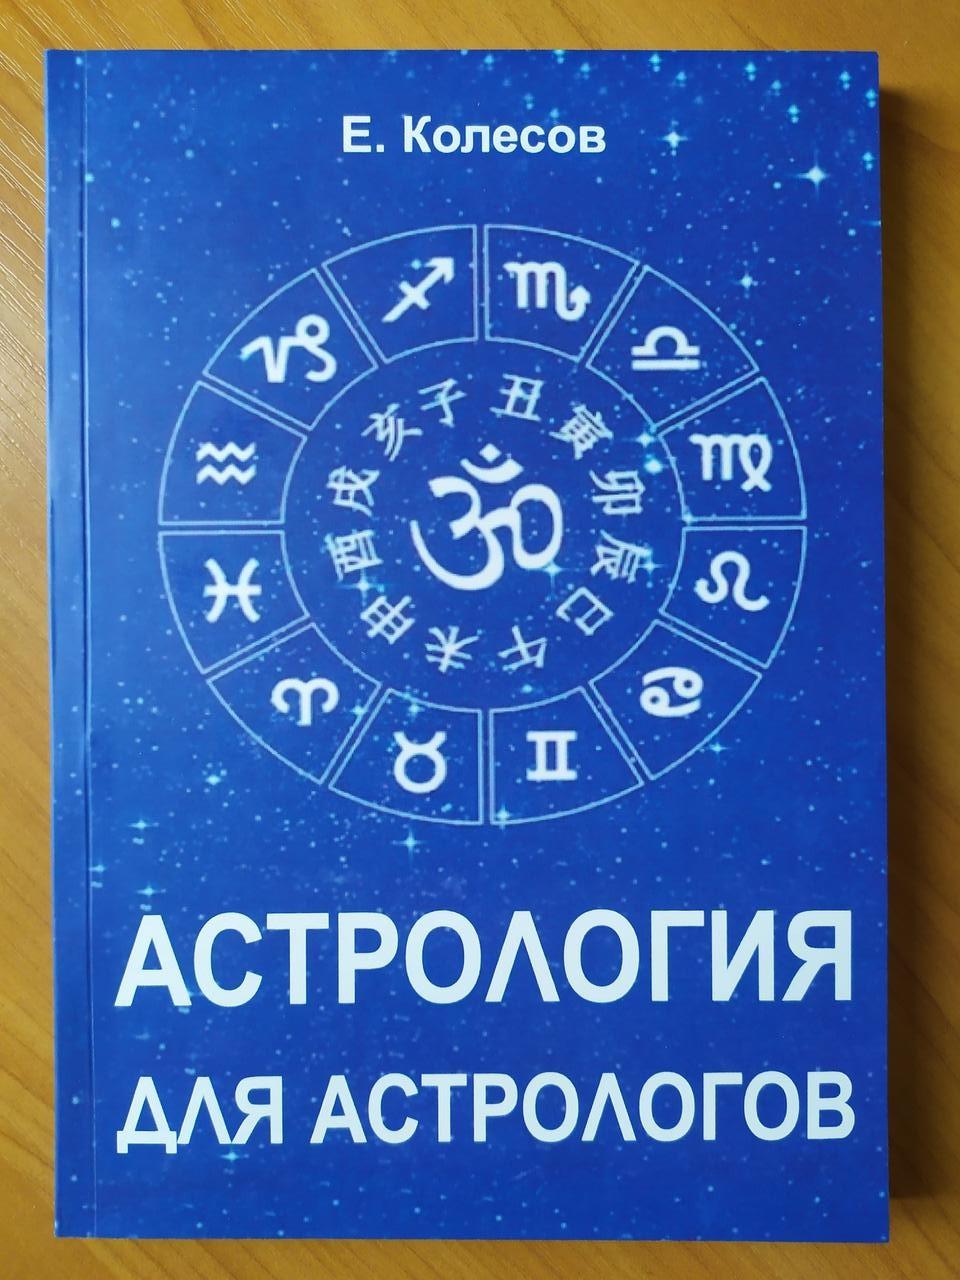 Евгений Колесов. Астрология для астрологов